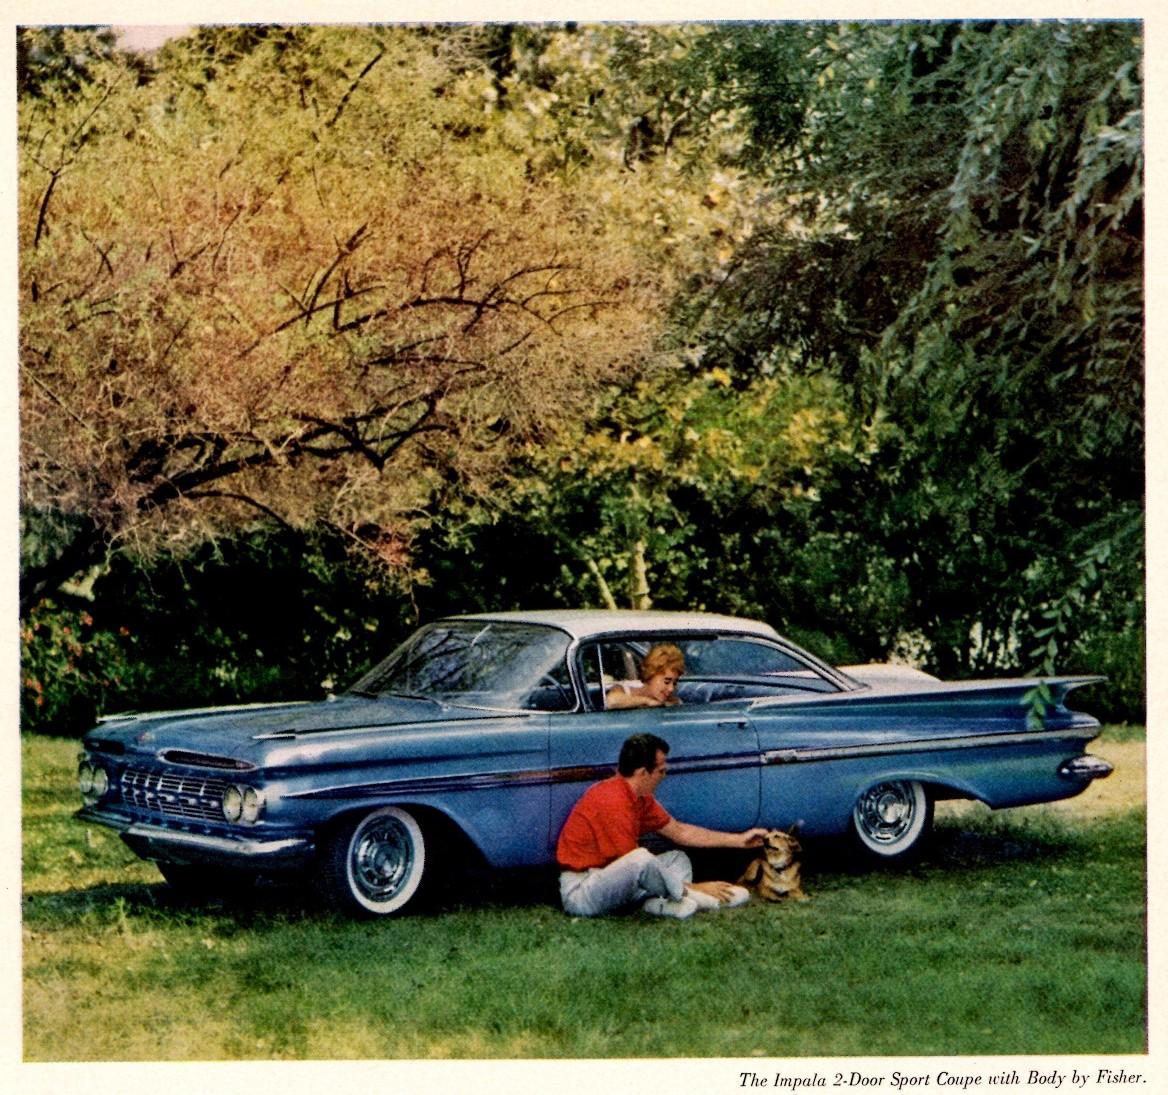 1959 Chevrolet Impala 2-Door